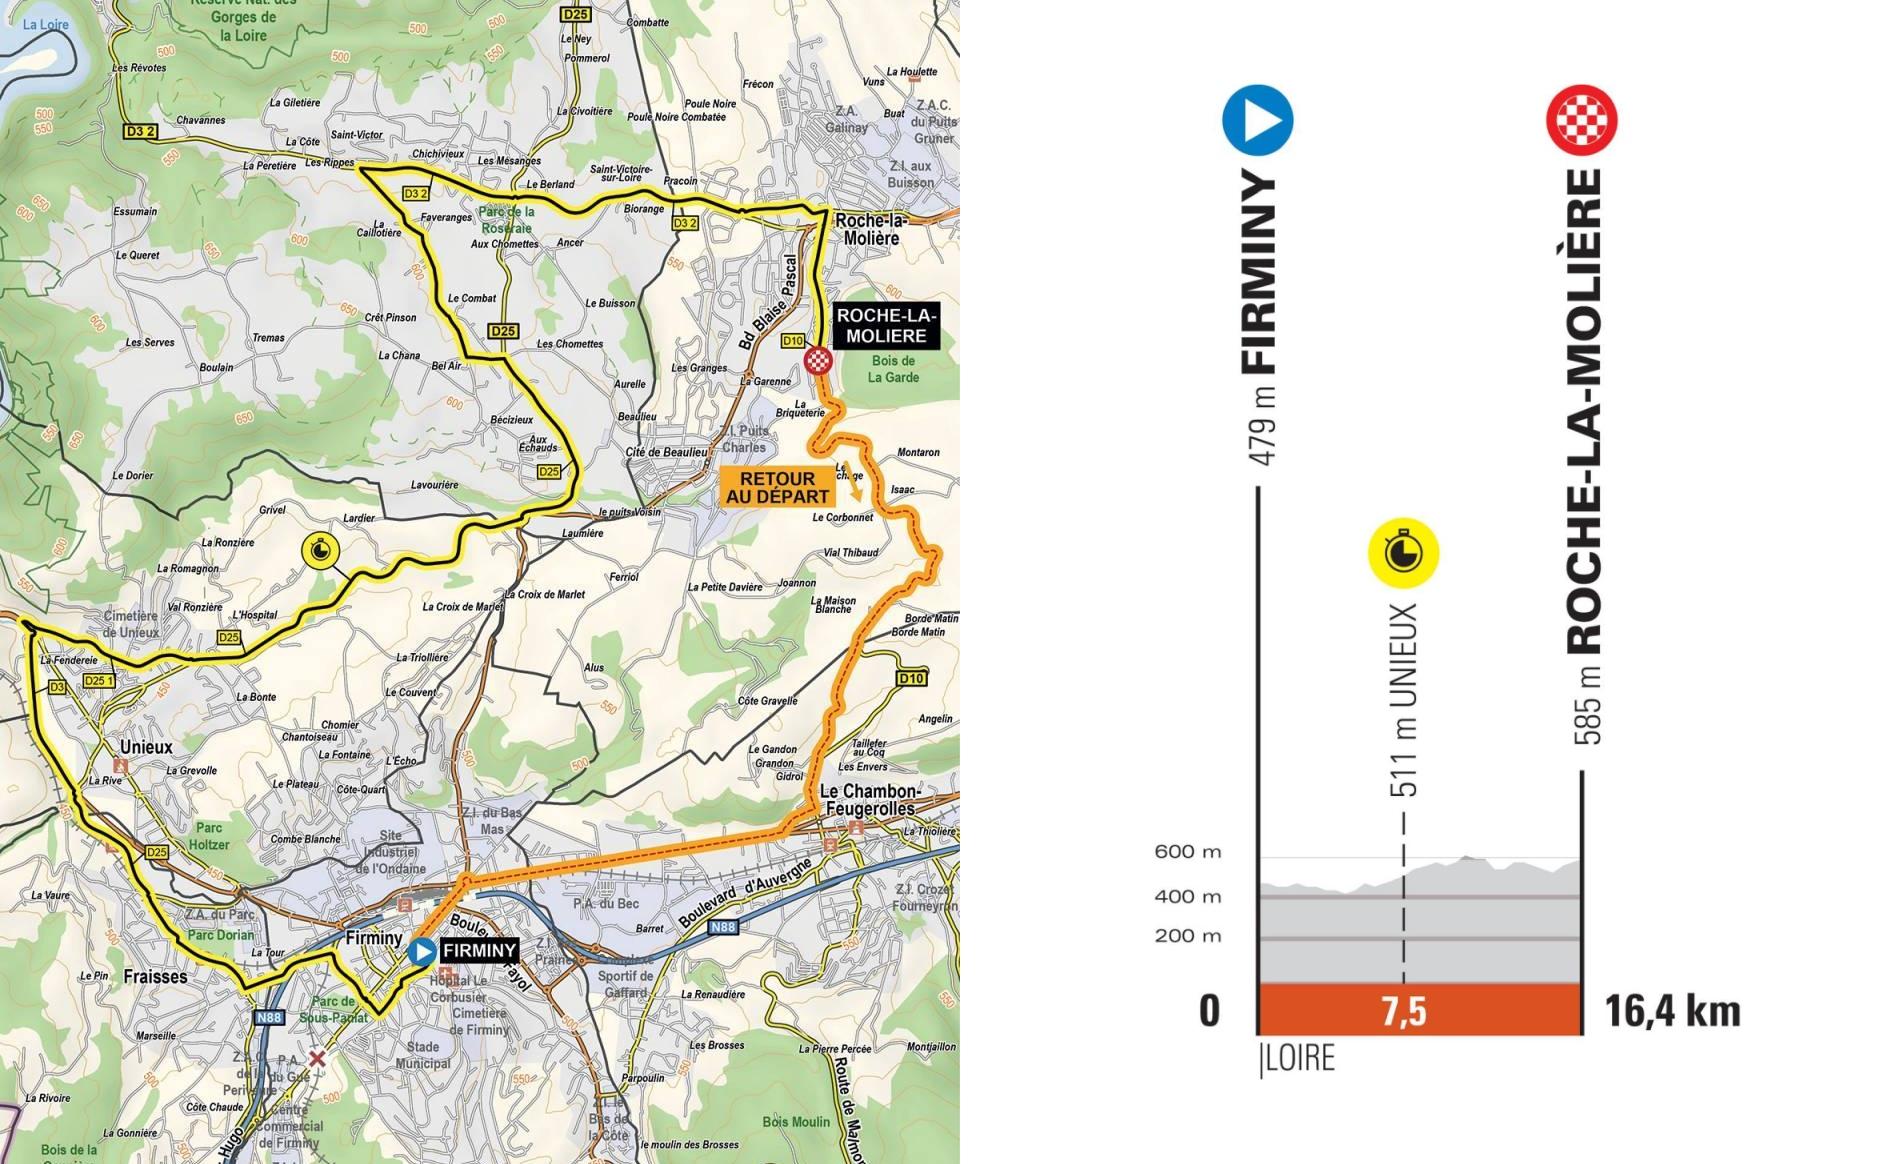 Criterium du Dauphine stage 4 2021 profile map